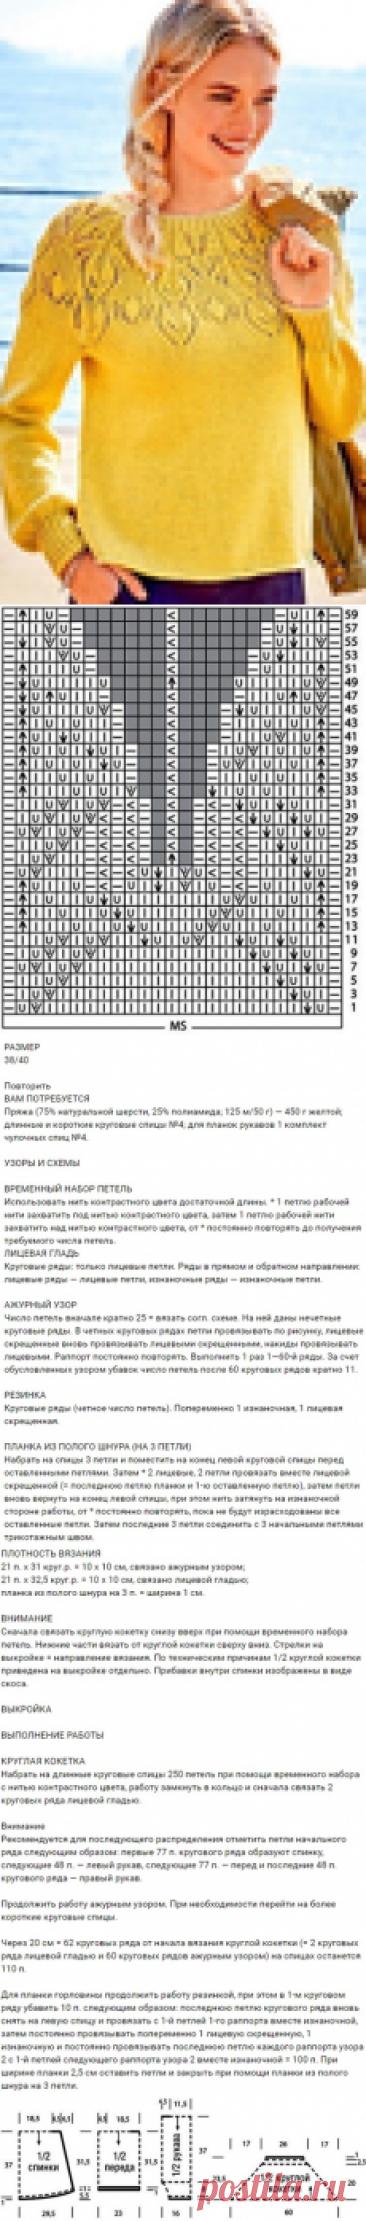 Las labores de punto-rayos-pulóvers y el Saltador hípico